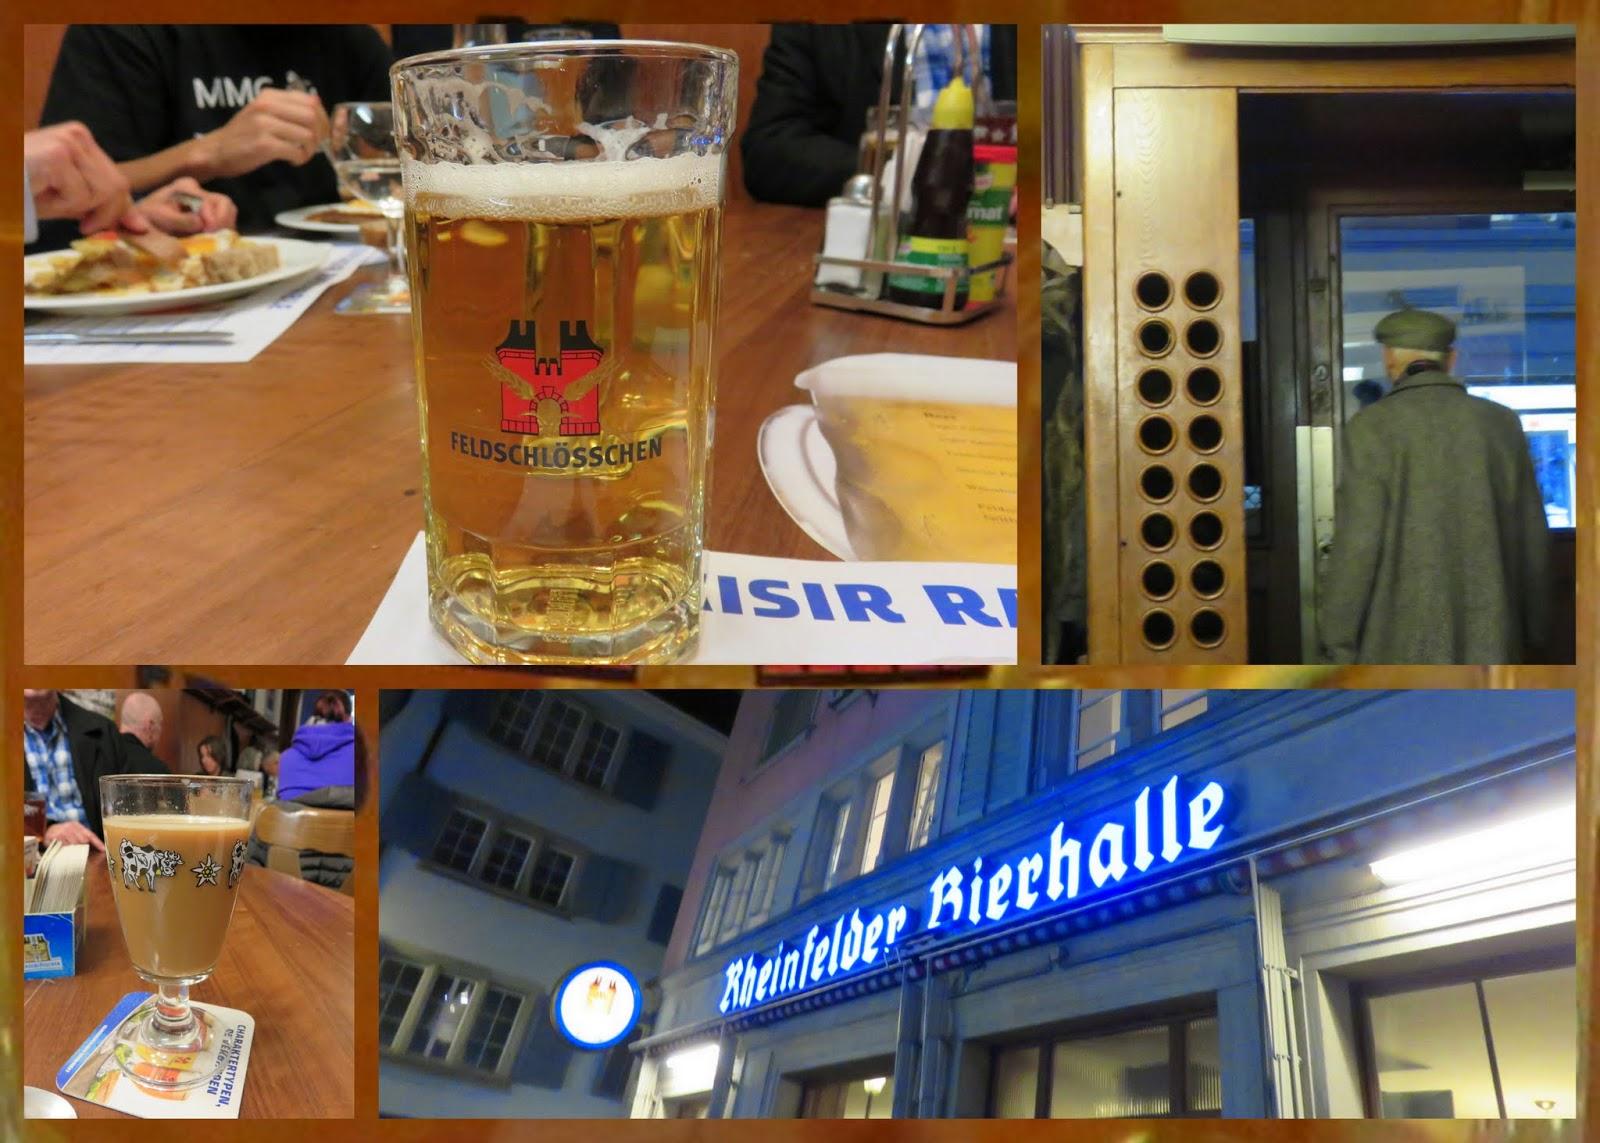 Zurich - Rheinfelder Bierhalle